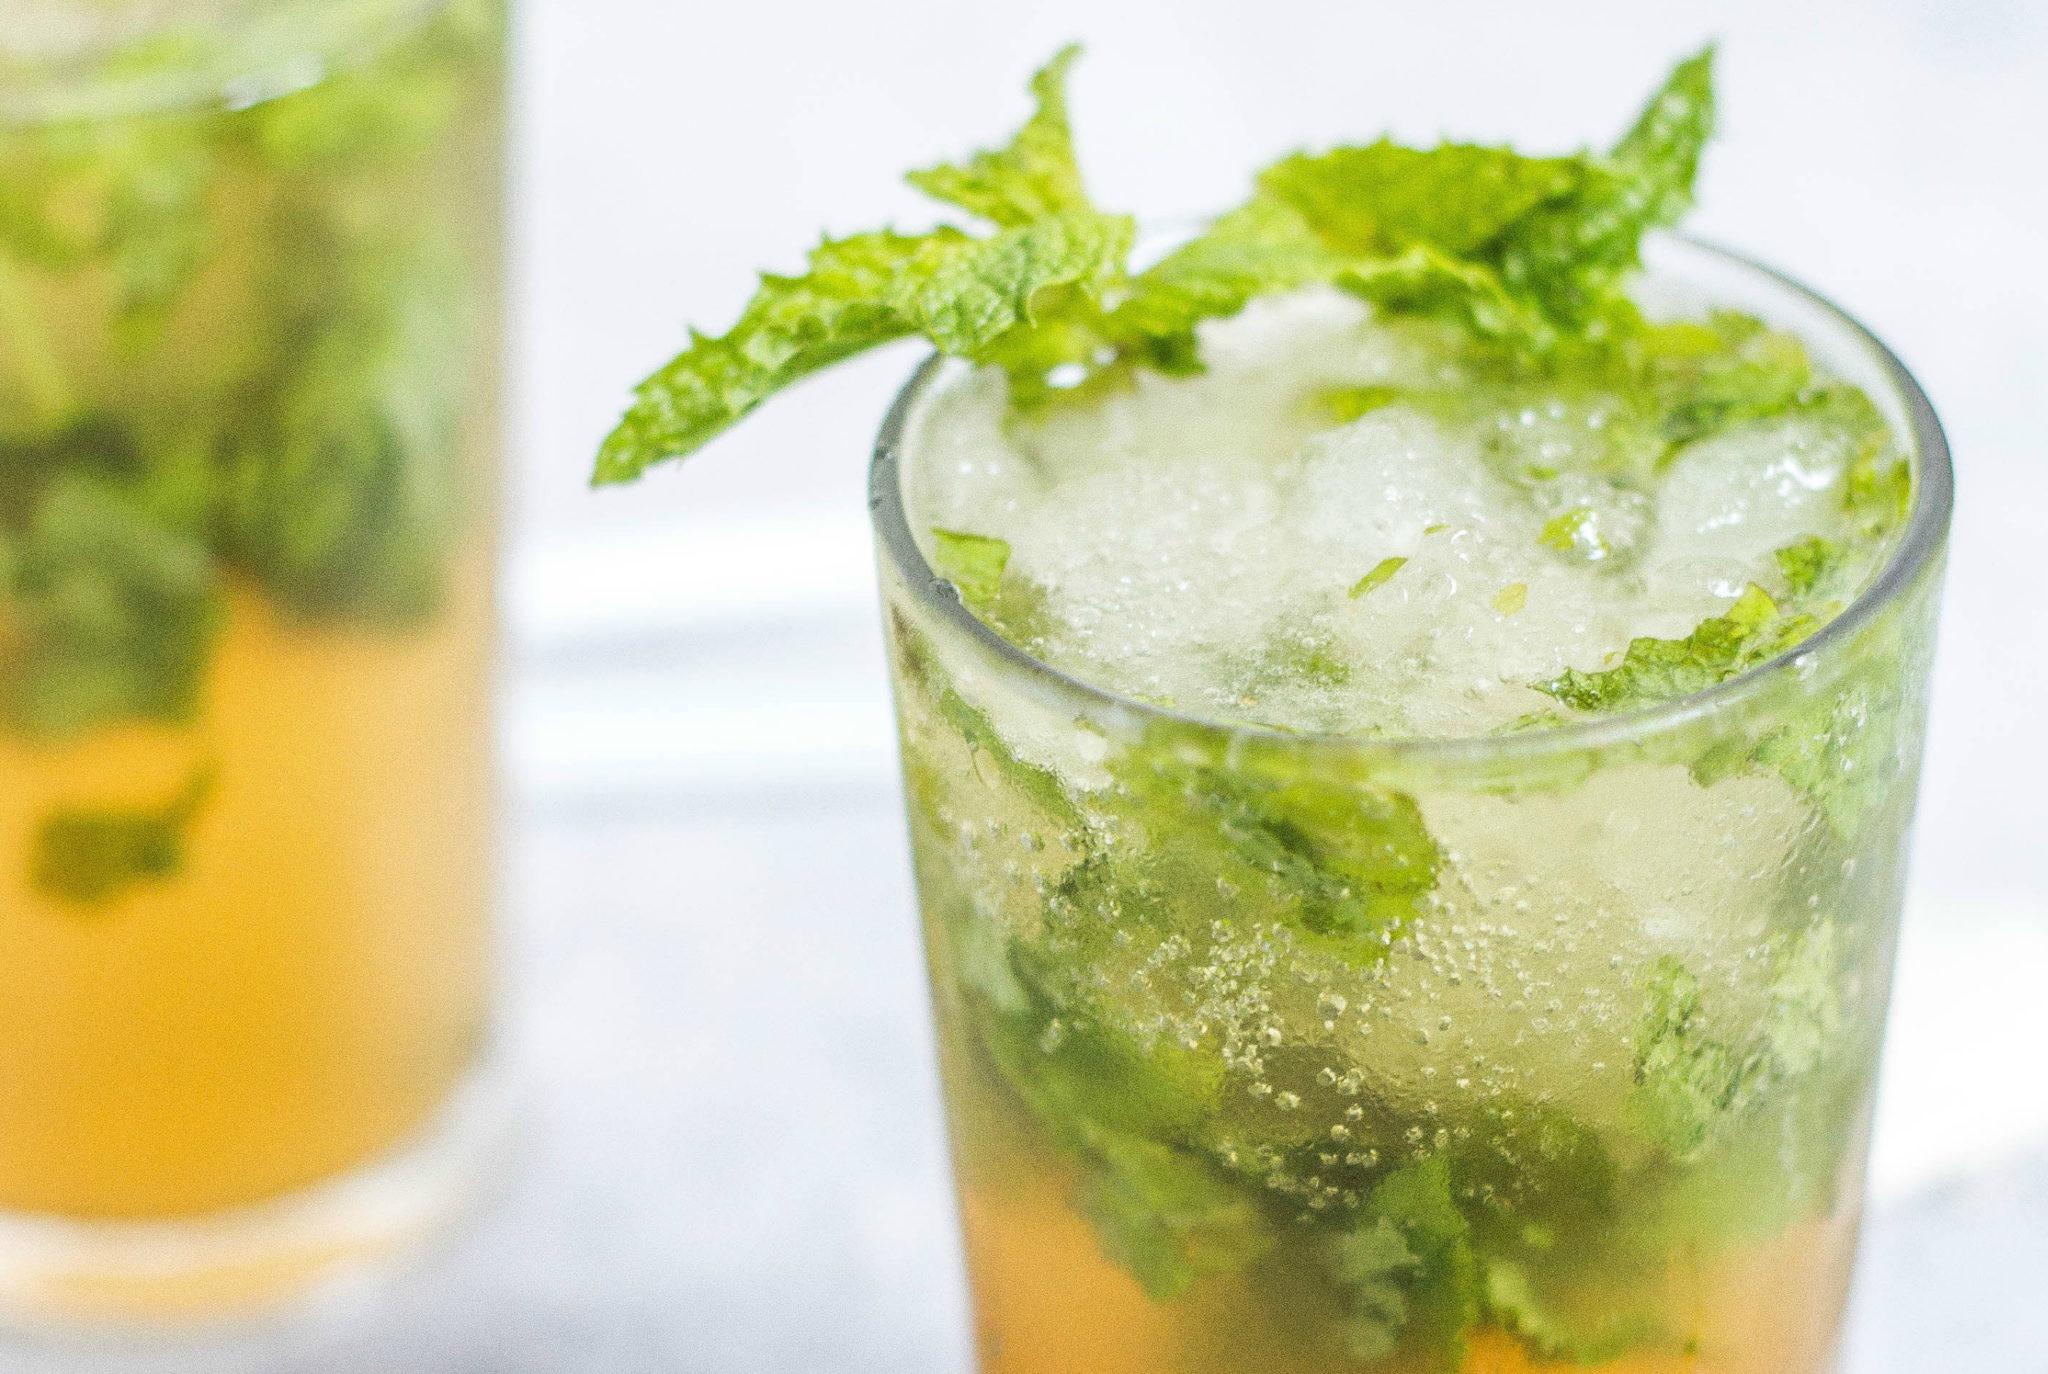 Факт дня: сладкие напитки провоцируют бессонницу